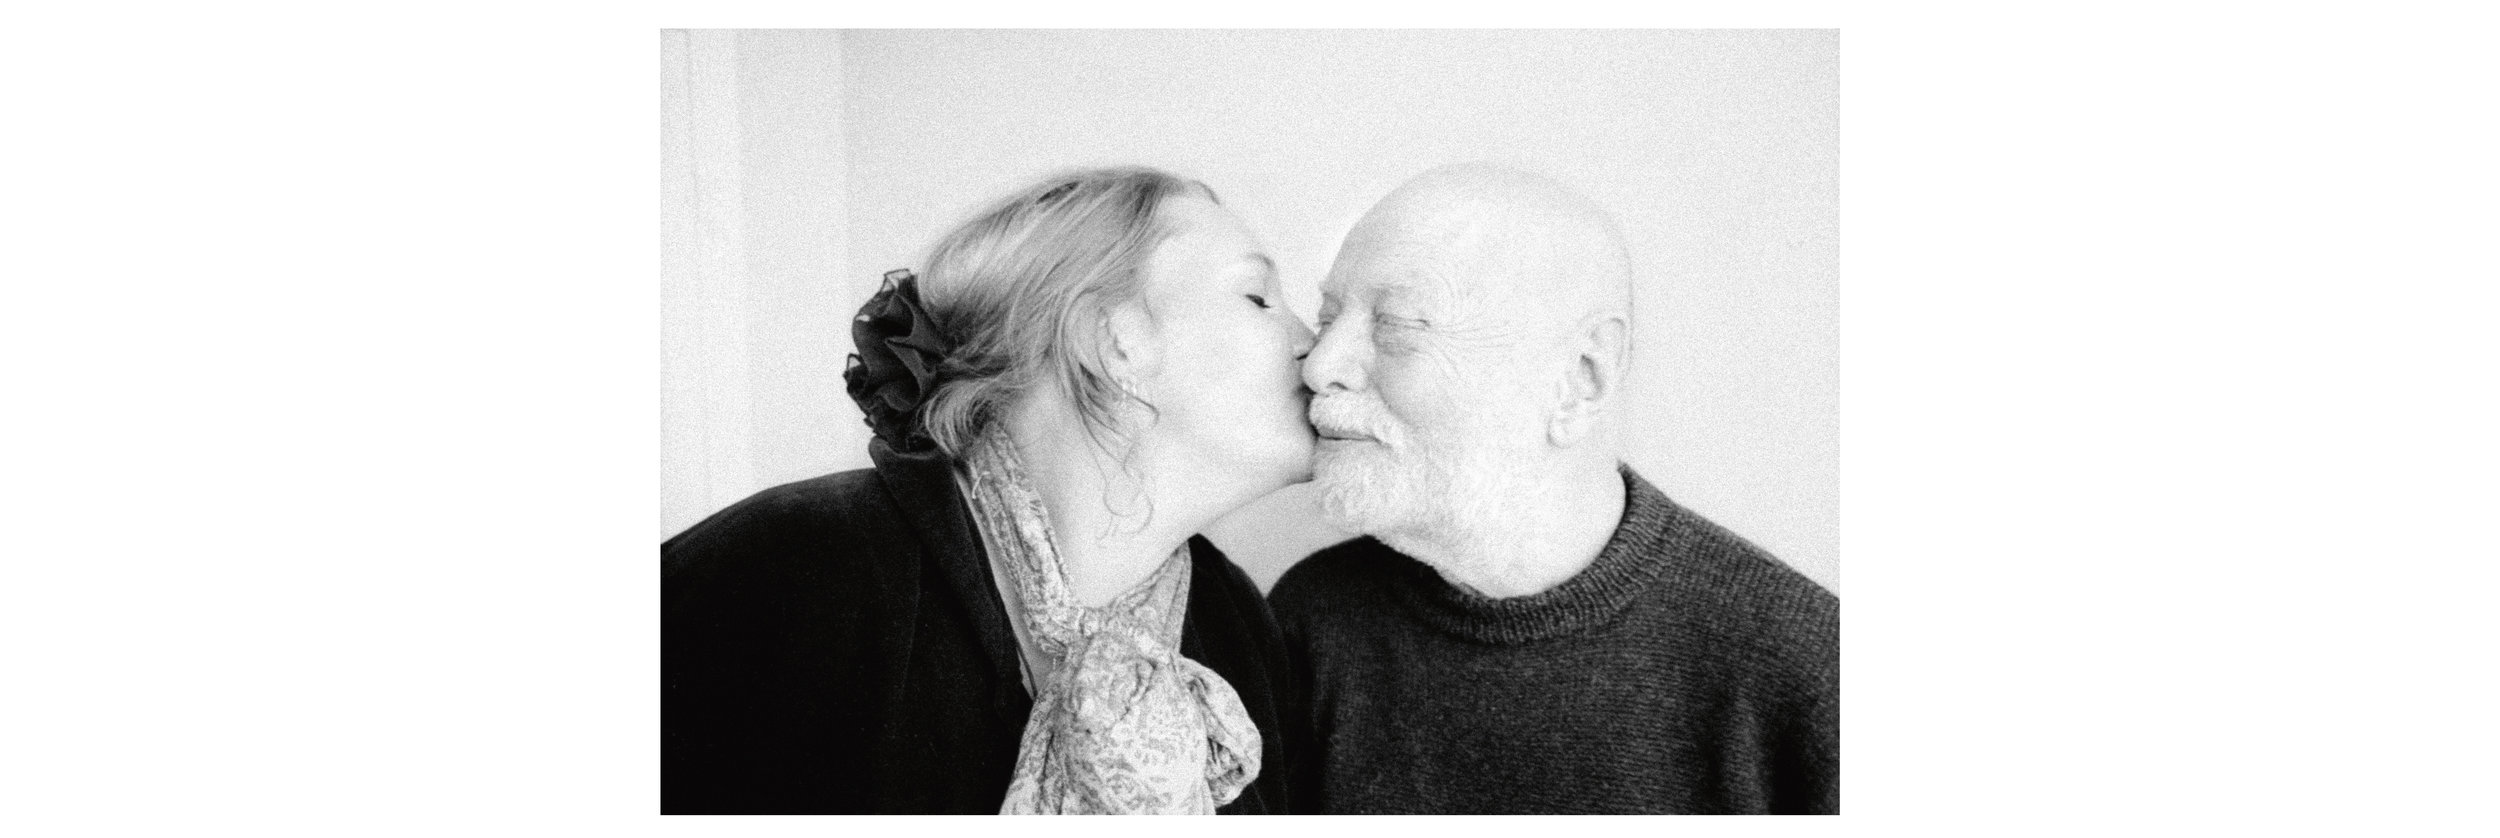 Anna & Christer Strömholm